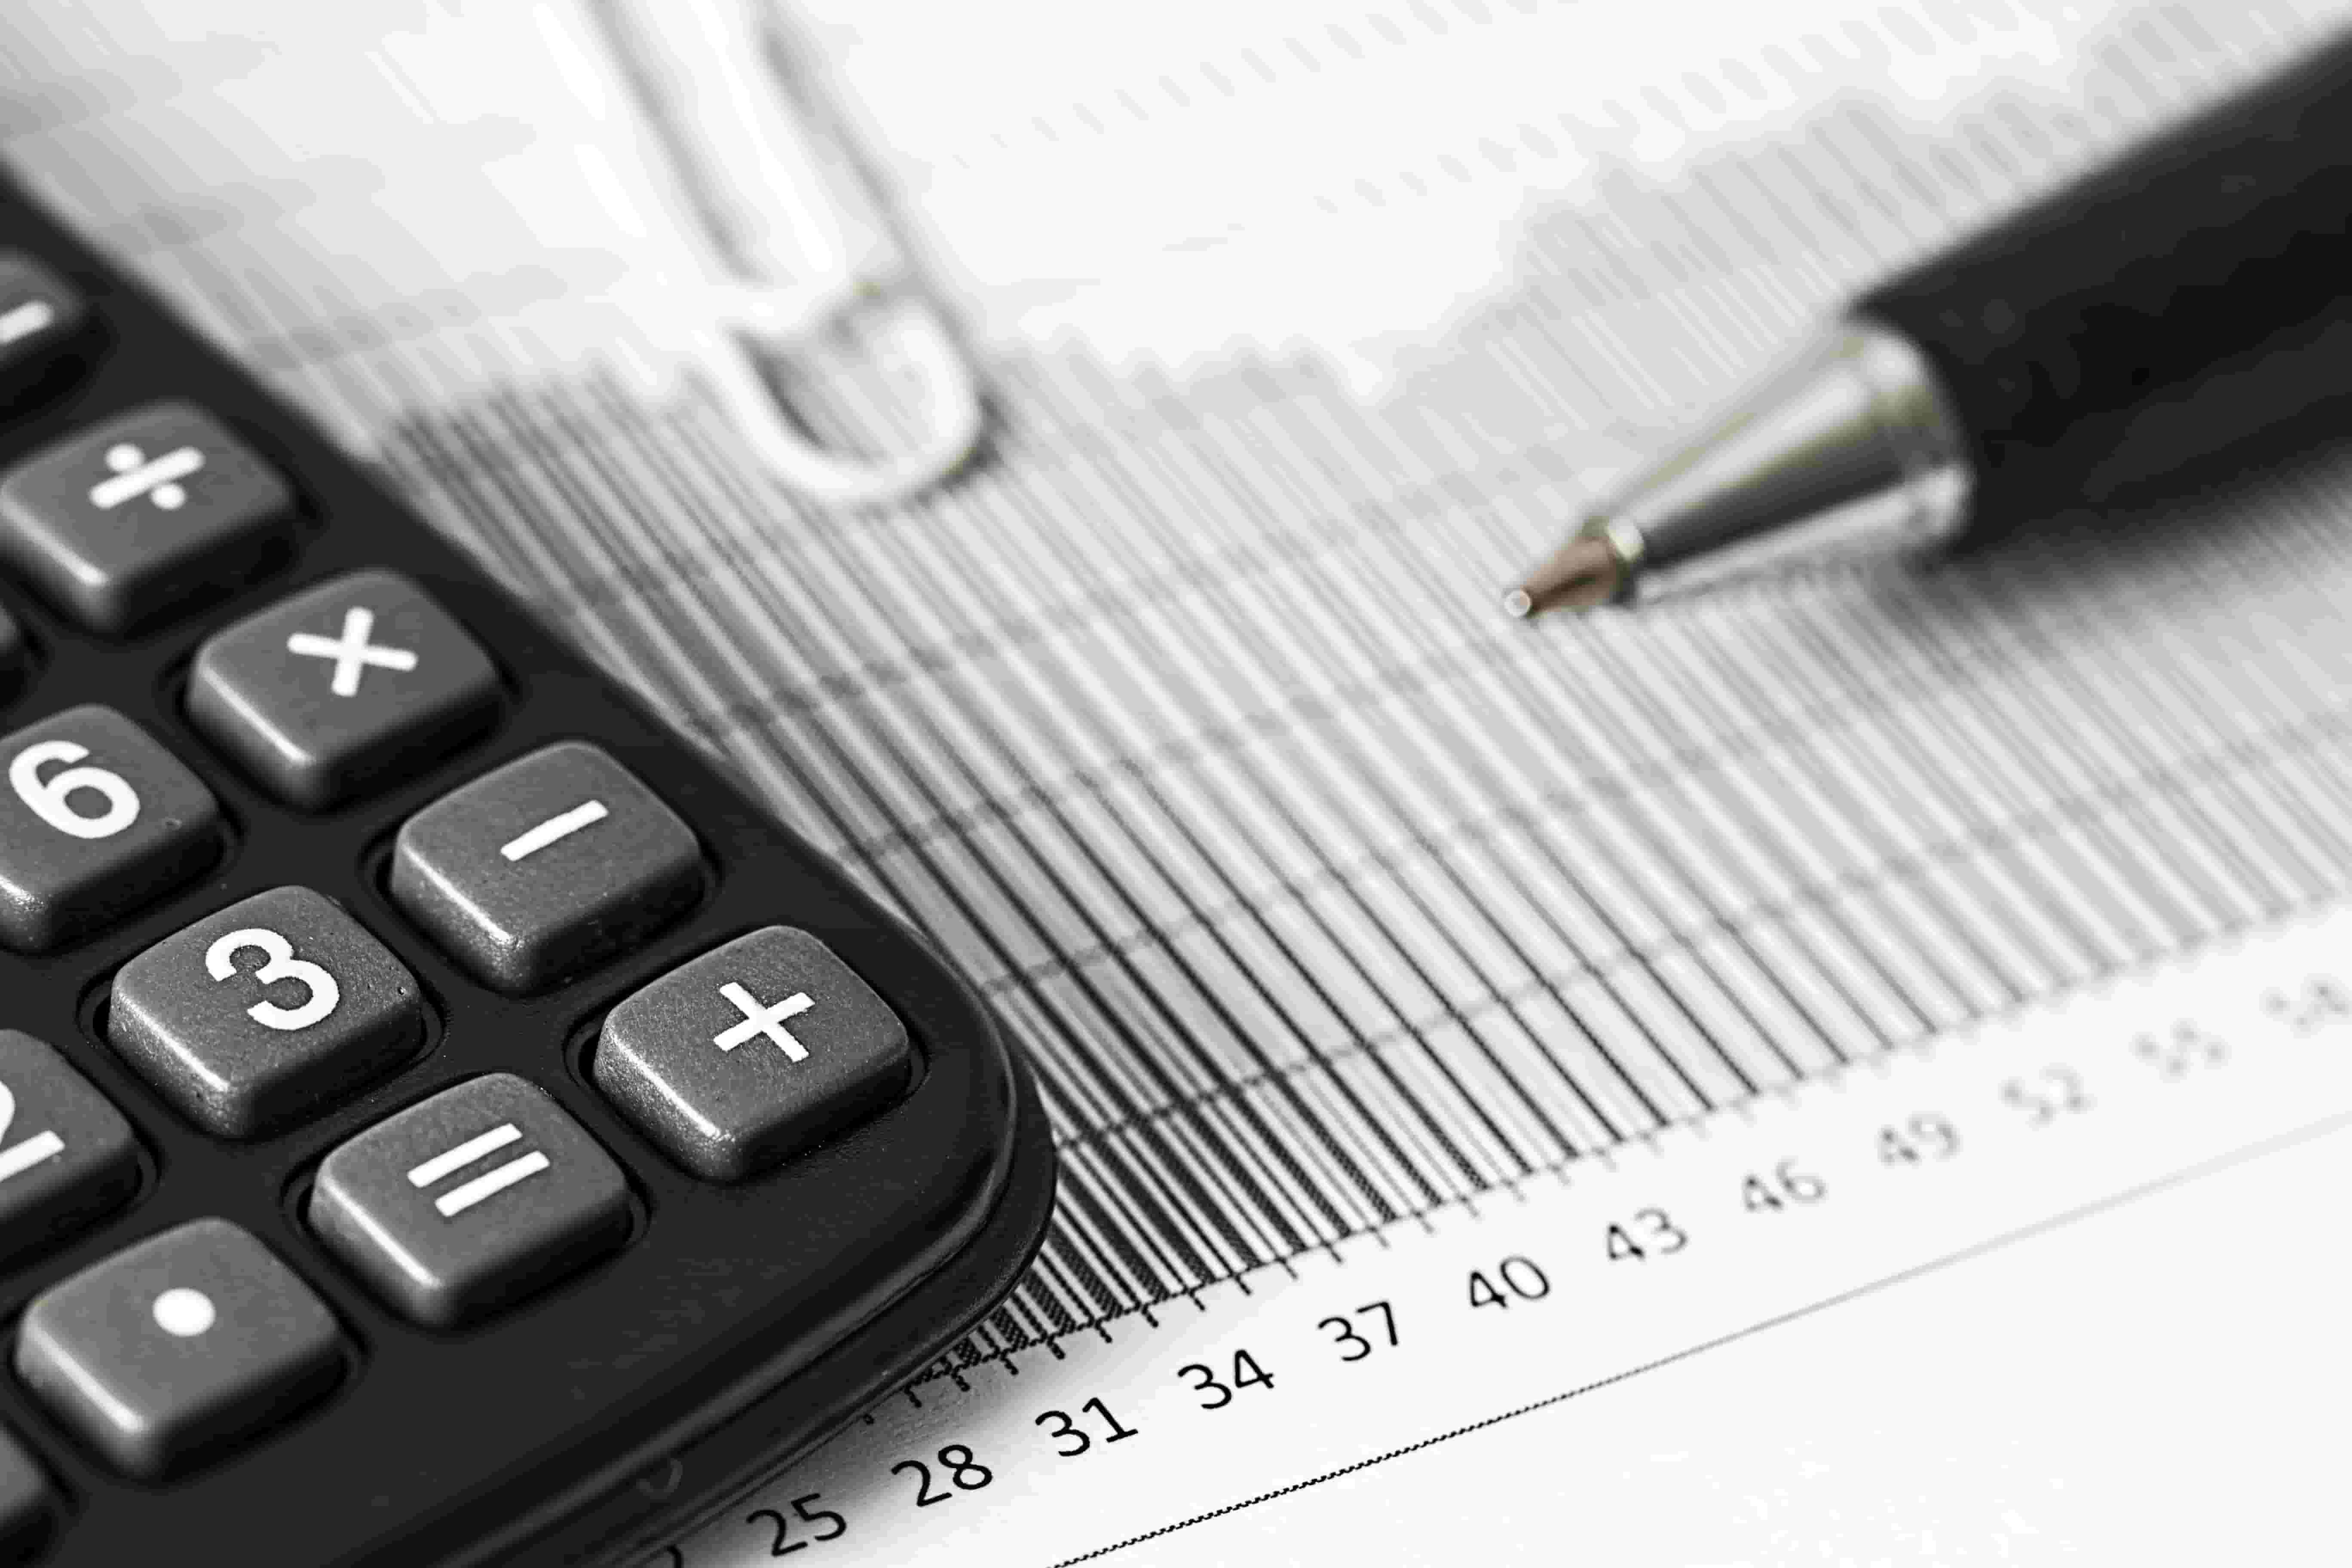 λογιστικο γραφειο θεσσαλονικη-λογιστικες υπηρεσιες